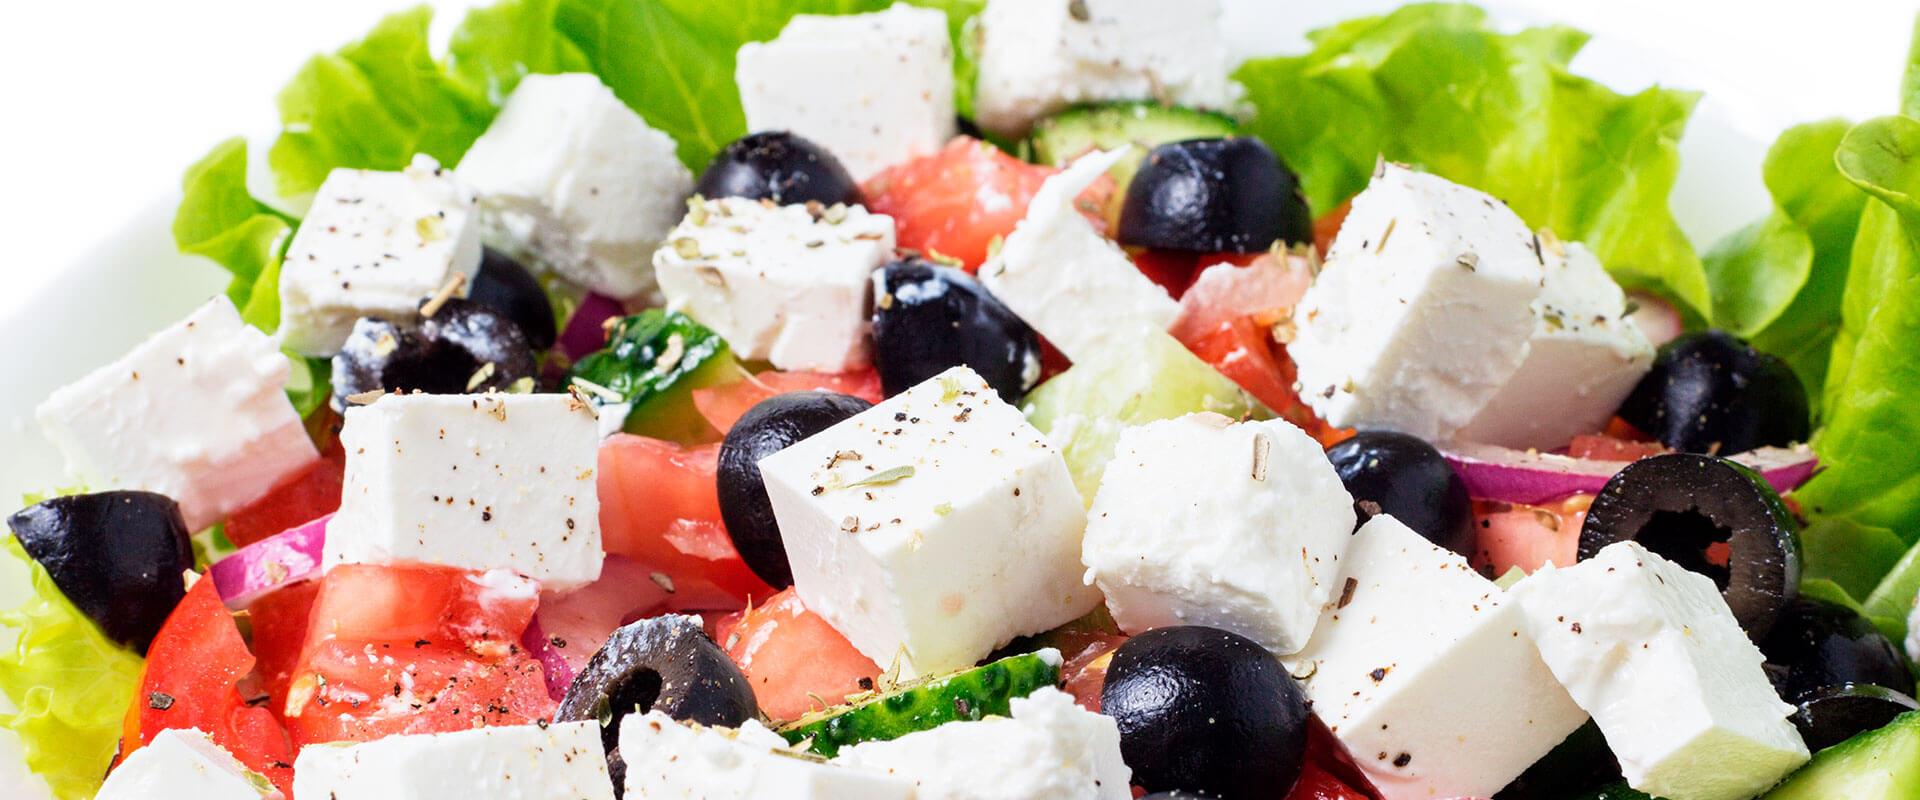 Ensalada griega hecha con queso panela, aceitunas y jitomate.